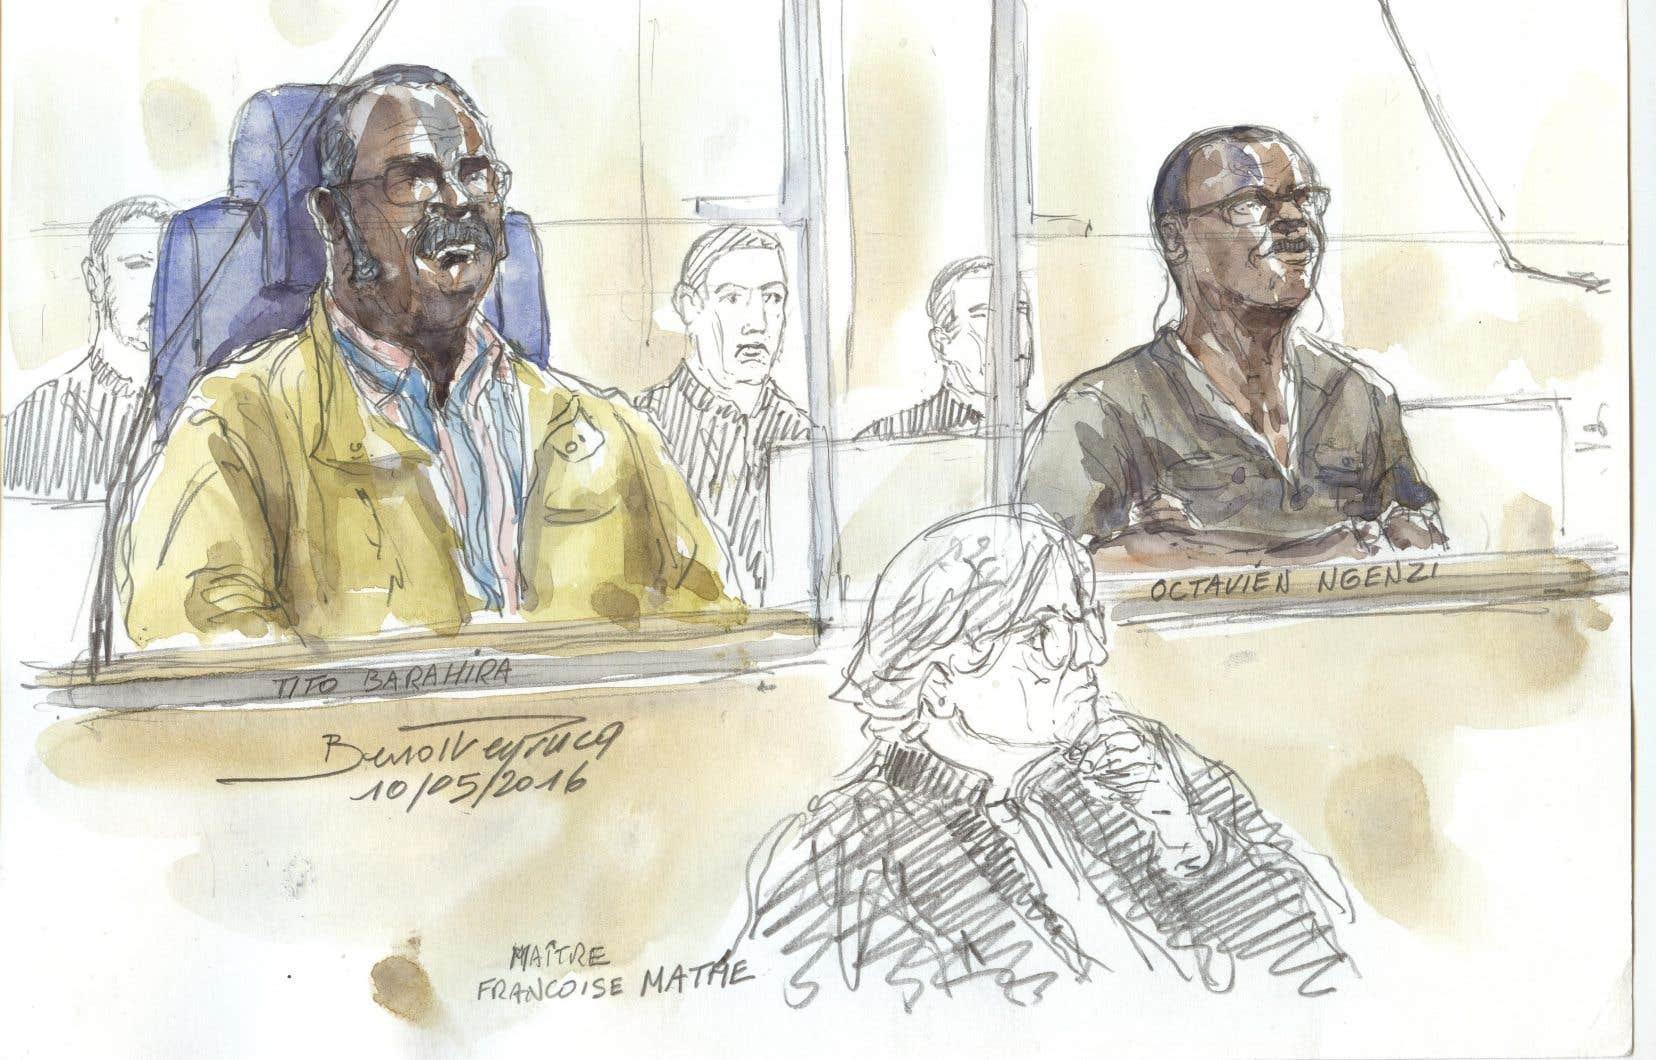 Tito Barahira, 67 ans, et Octavien Ngenzi, 60 ans, ont été jugés coupables de «crimes contre l'humanité».